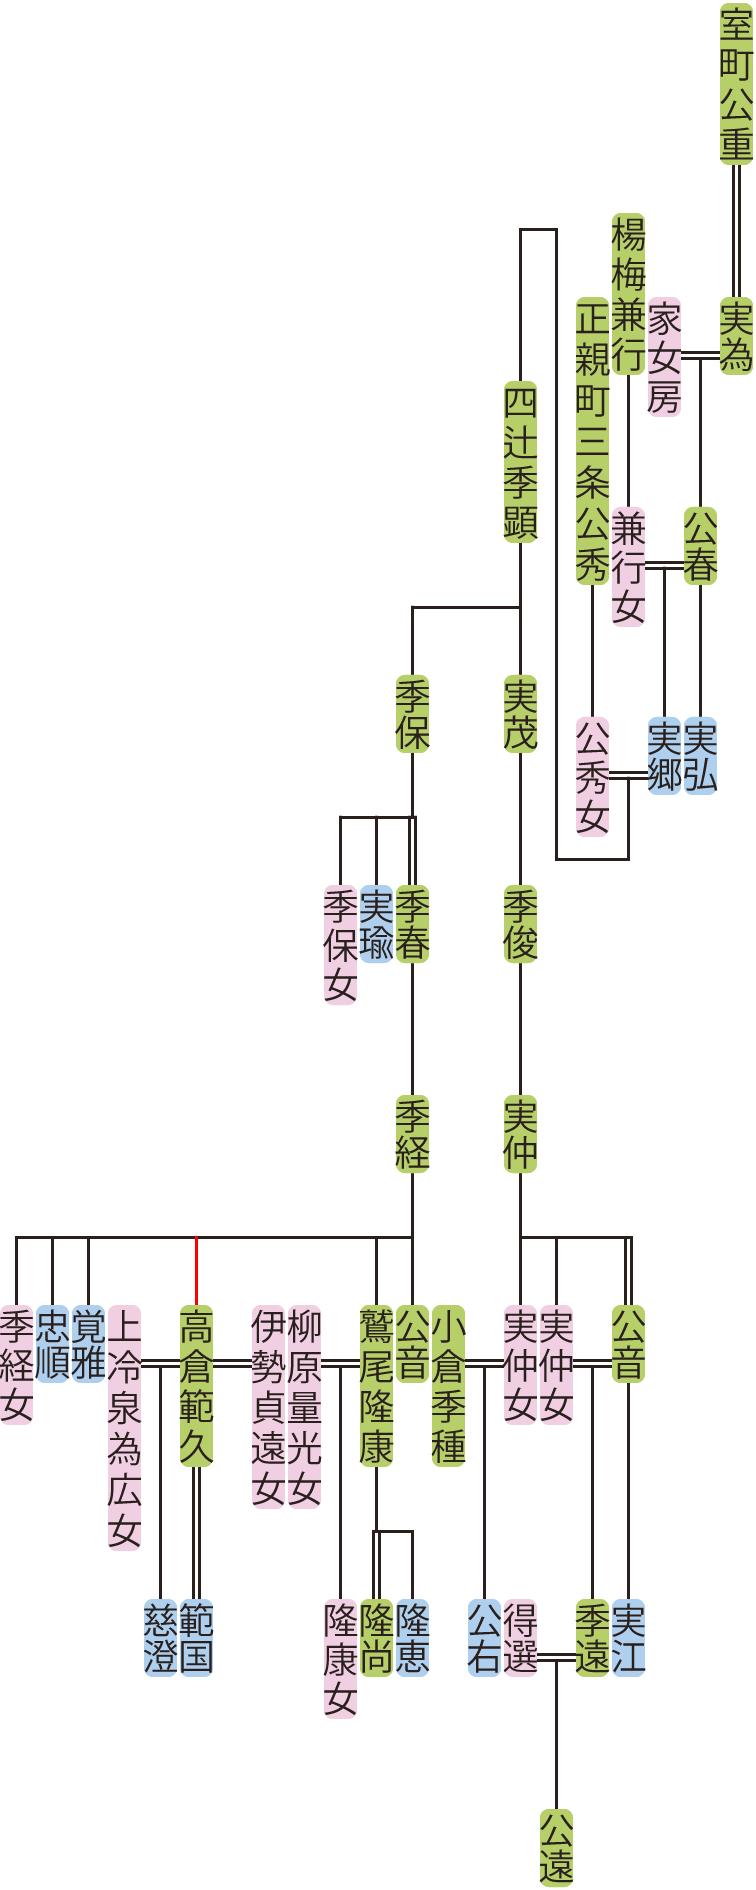 室町公春~四辻公音の系図